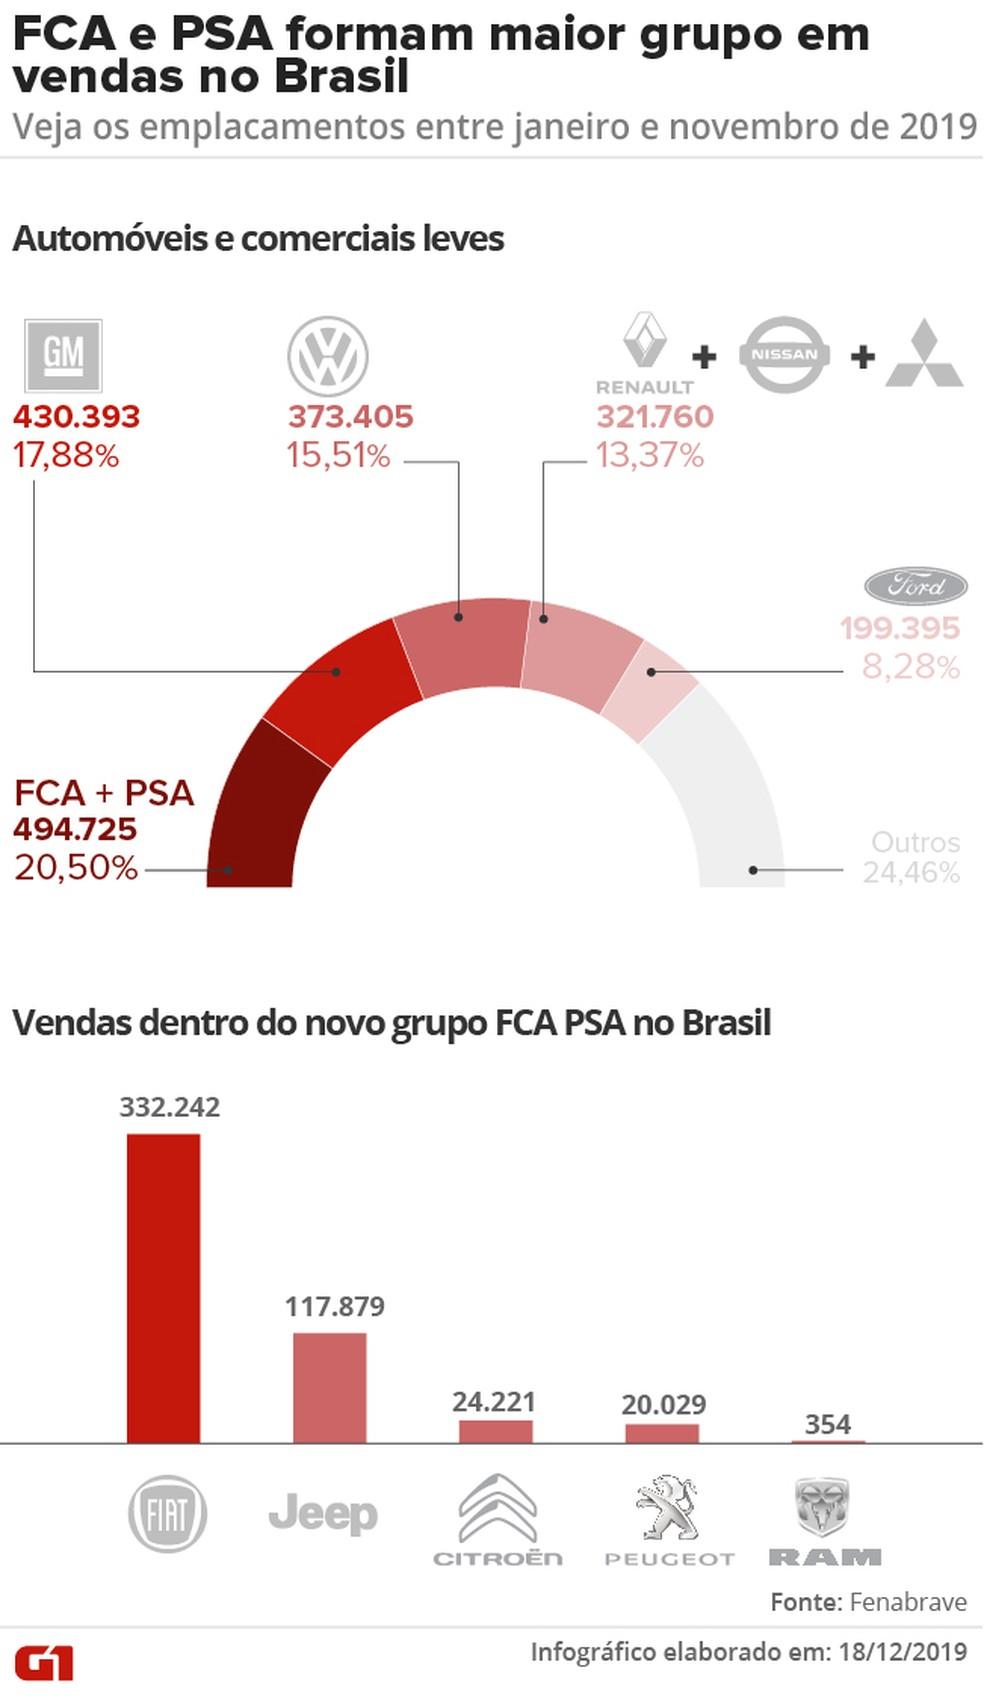 Emplacamentos reunindo unidades emplacadas de FCA e PSA no Brasil, entre janeiro e novembro de 2019 — Foto: G1 Arte